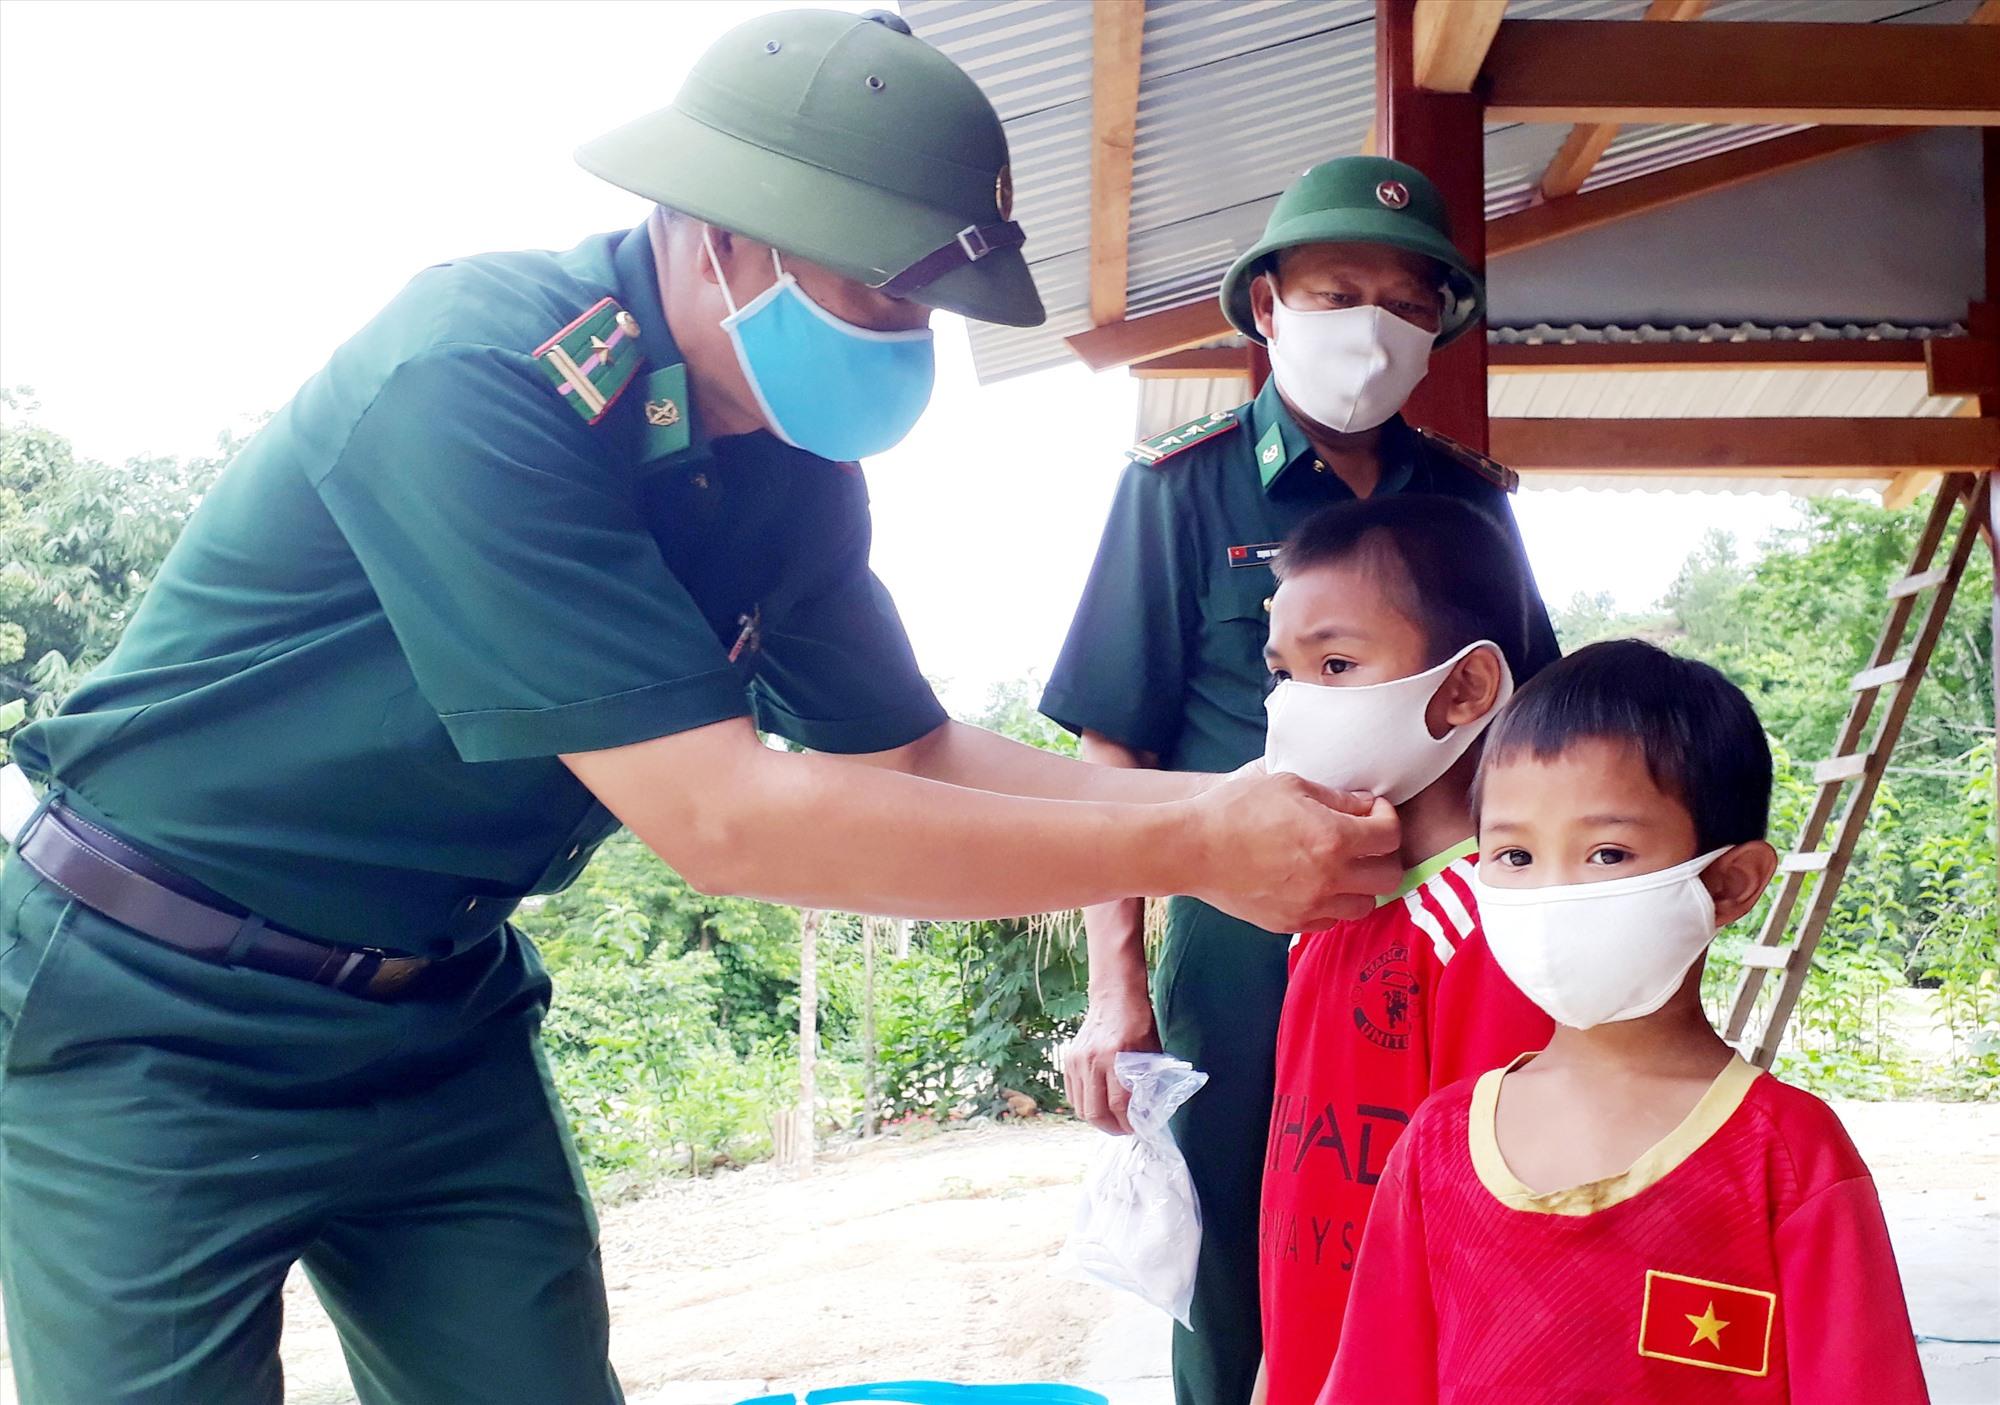 Các chiến sĩ Đồn Biên phòng Đắc Pring hướng dẫn trẻ em biên giới đeo khẩu trang đúng cách phòng dịch Covid-19. Ảnh: Đ.N